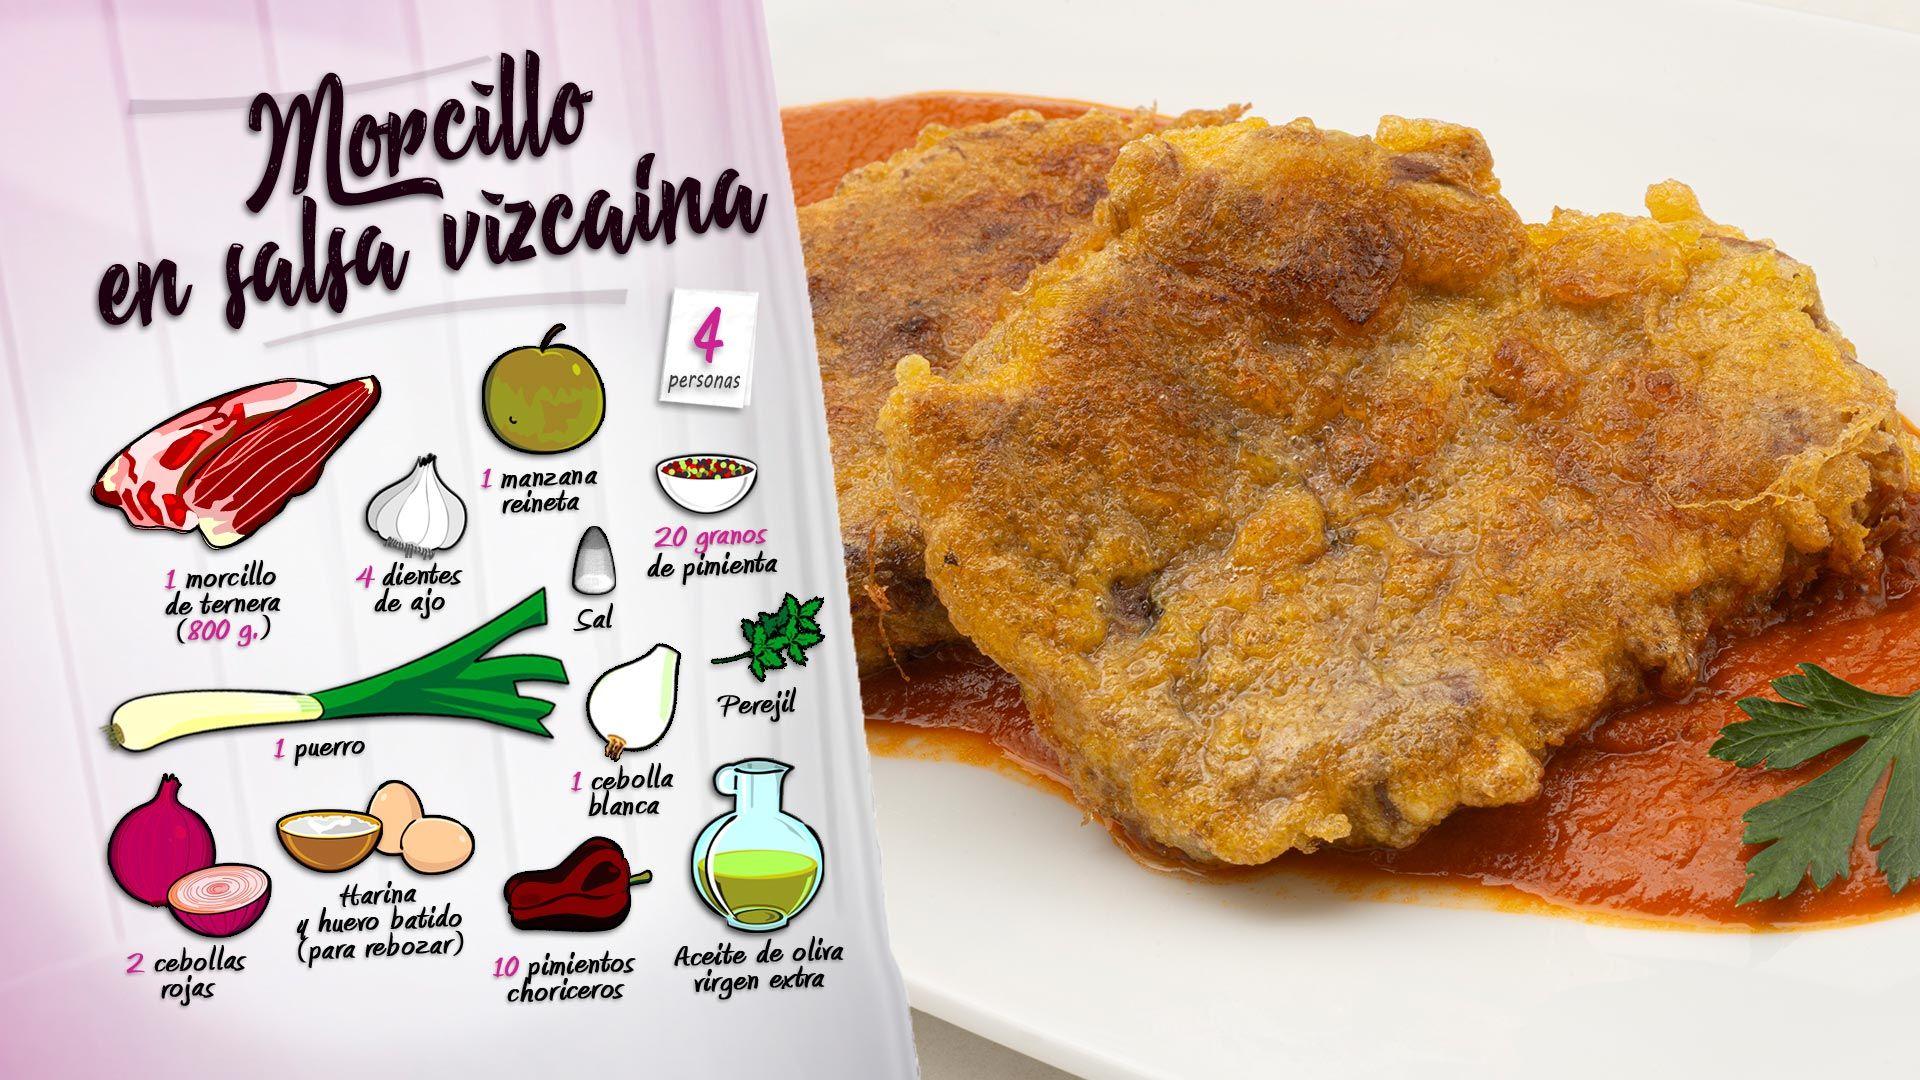 Morcillo (o zancarrón) en salsa vizcaína